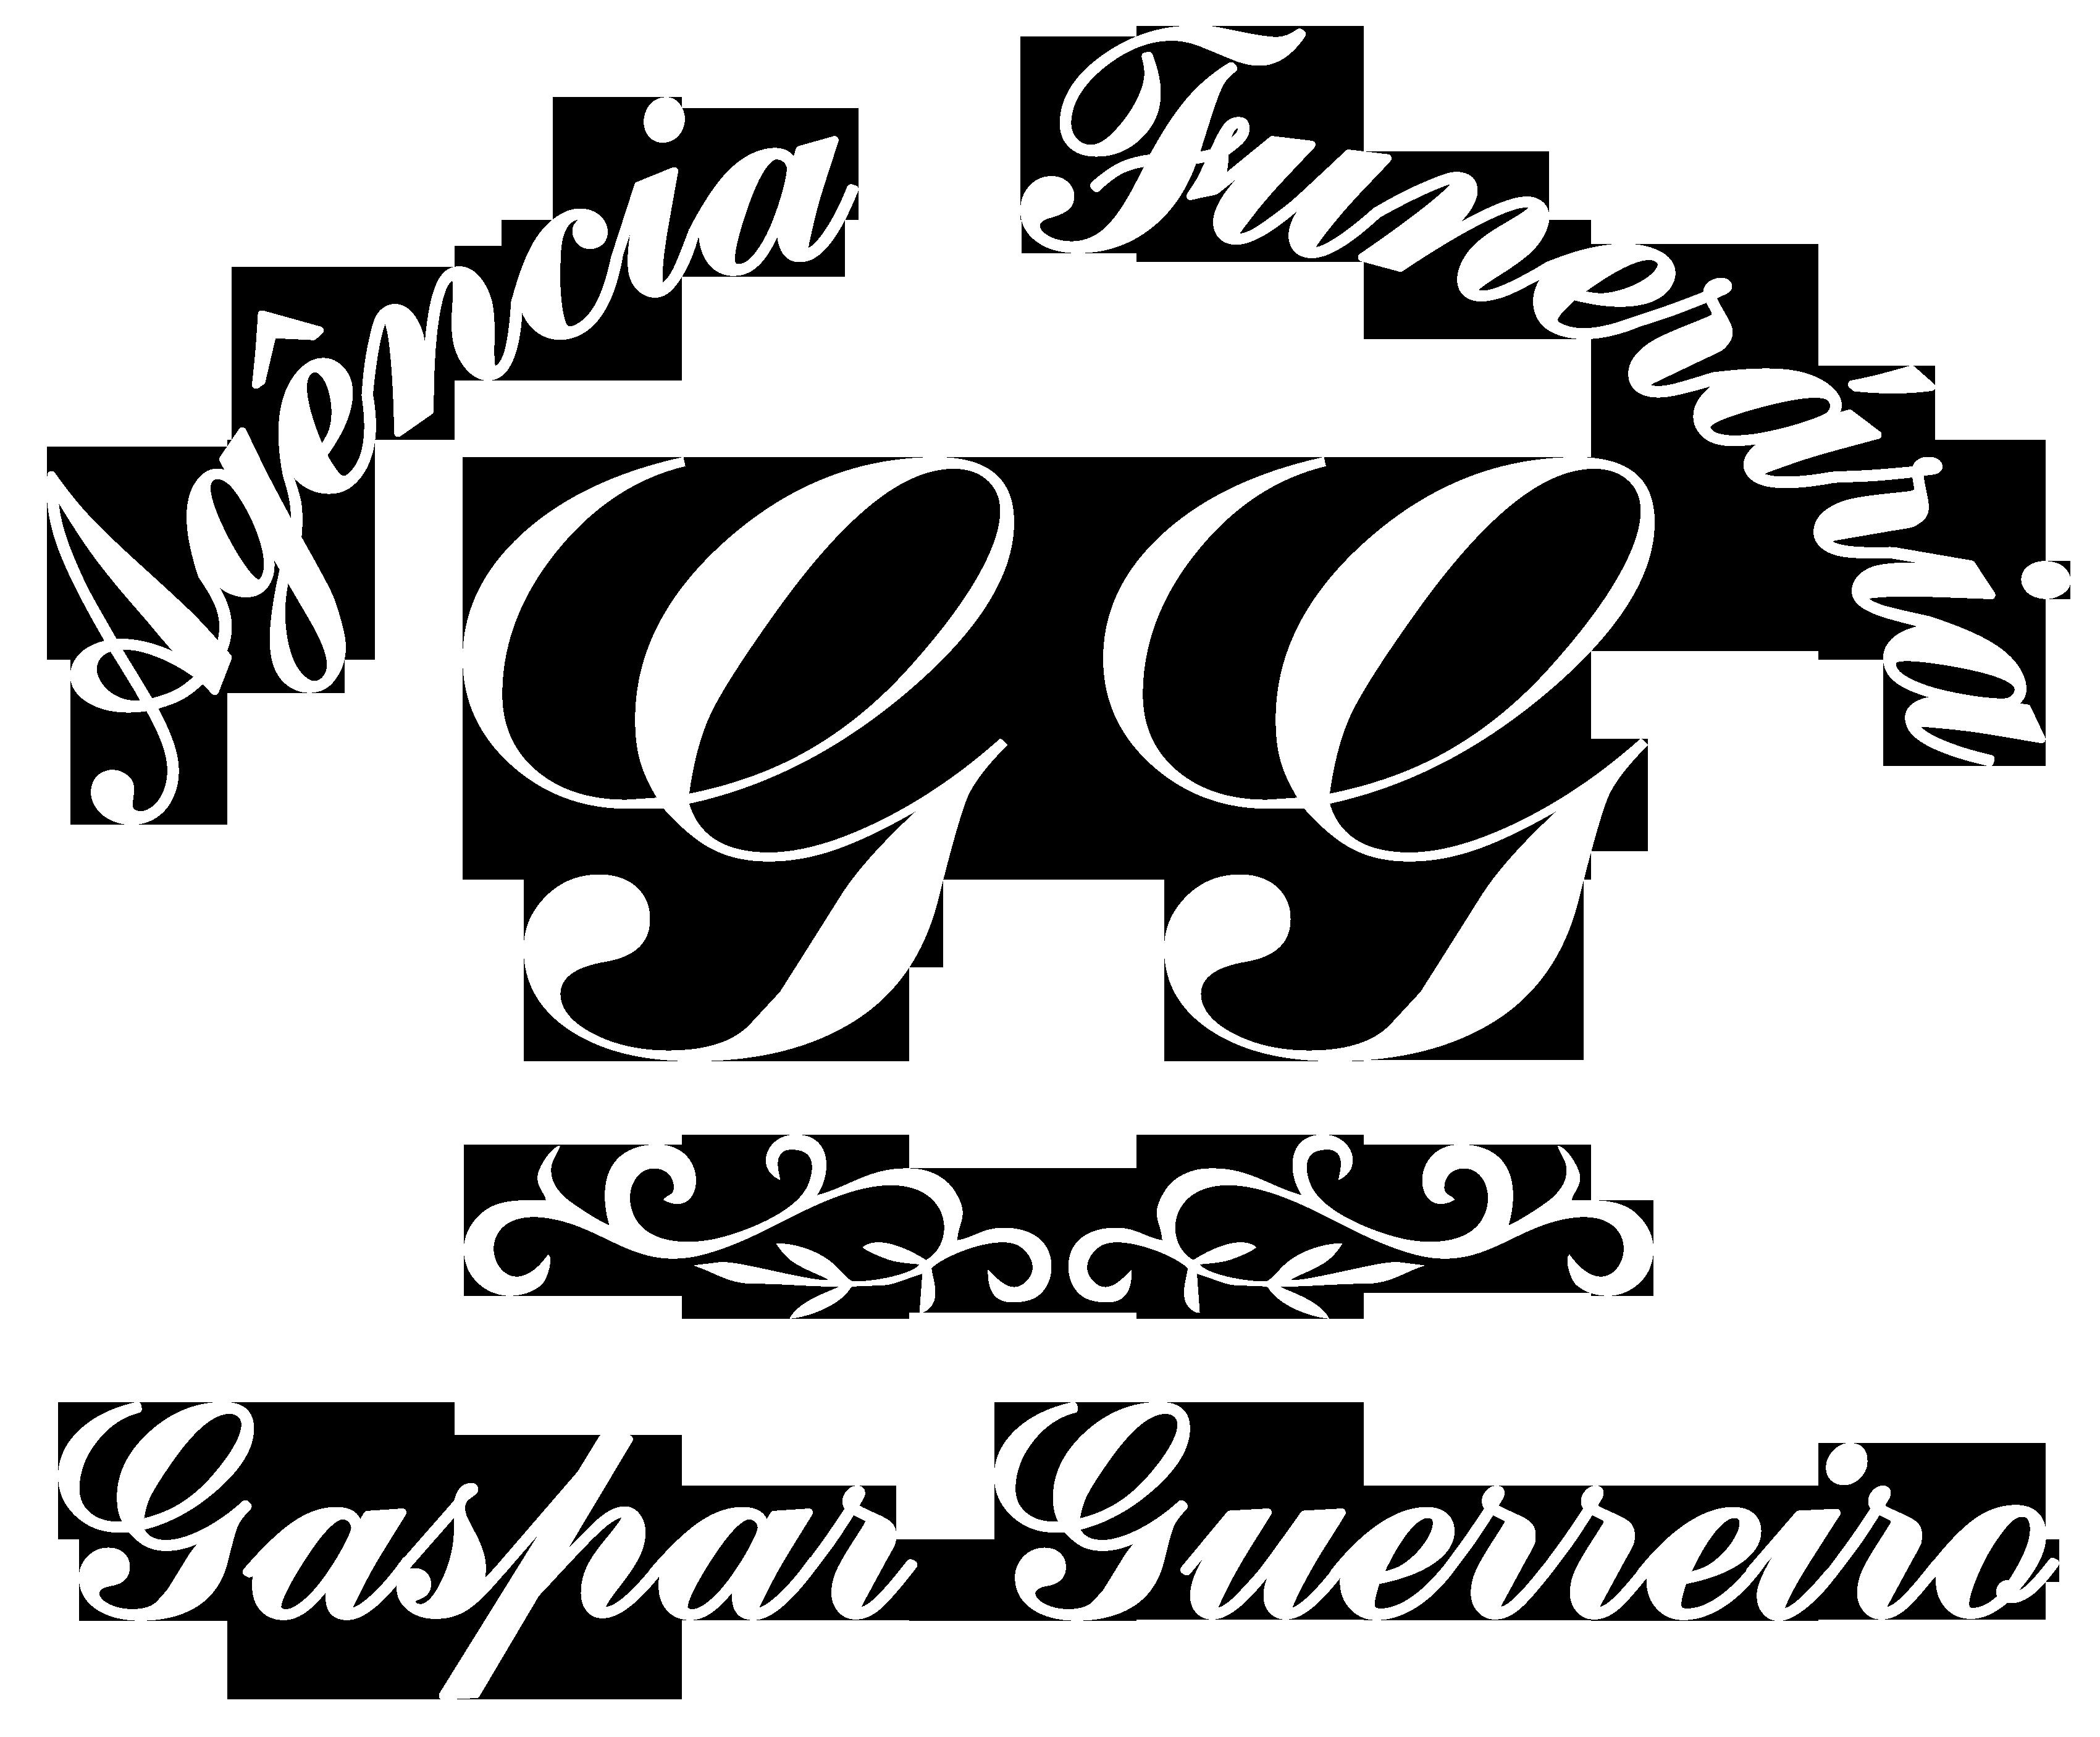 Funerária Gaspar Guerreiro